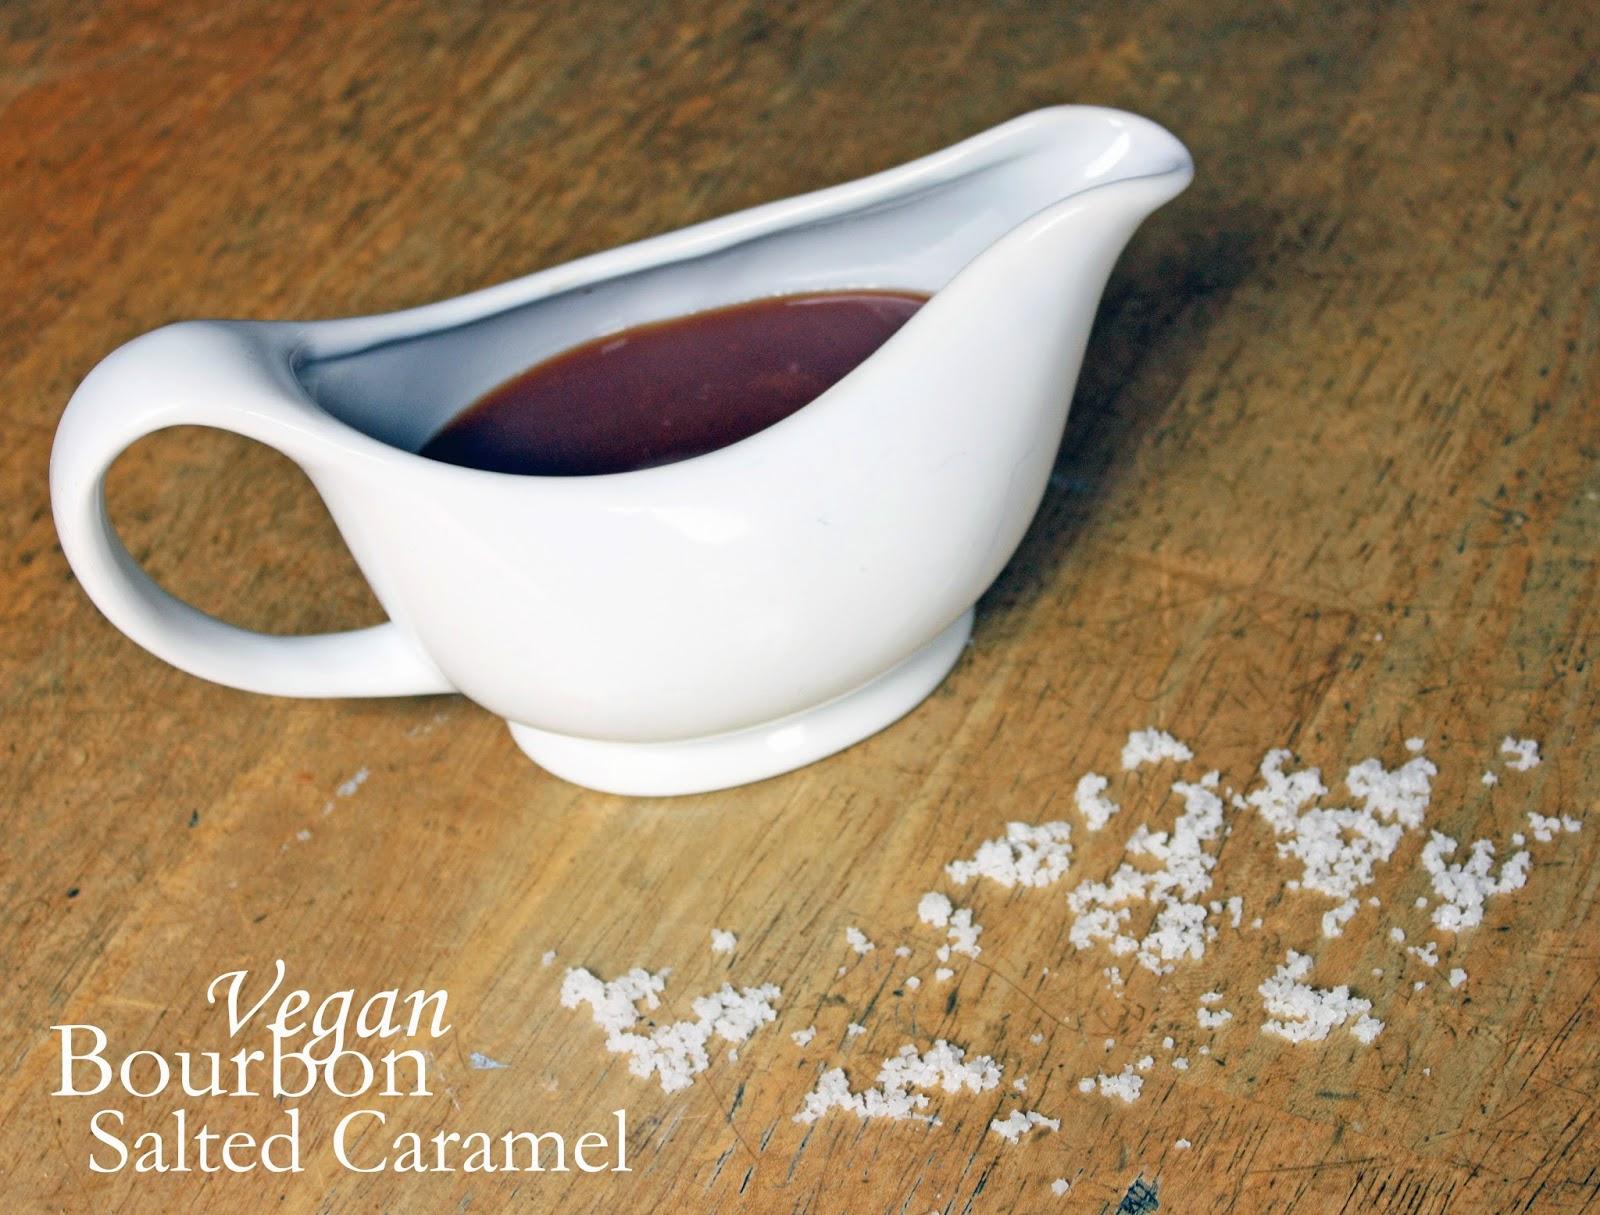 vegan bourbon salted caramel sauce